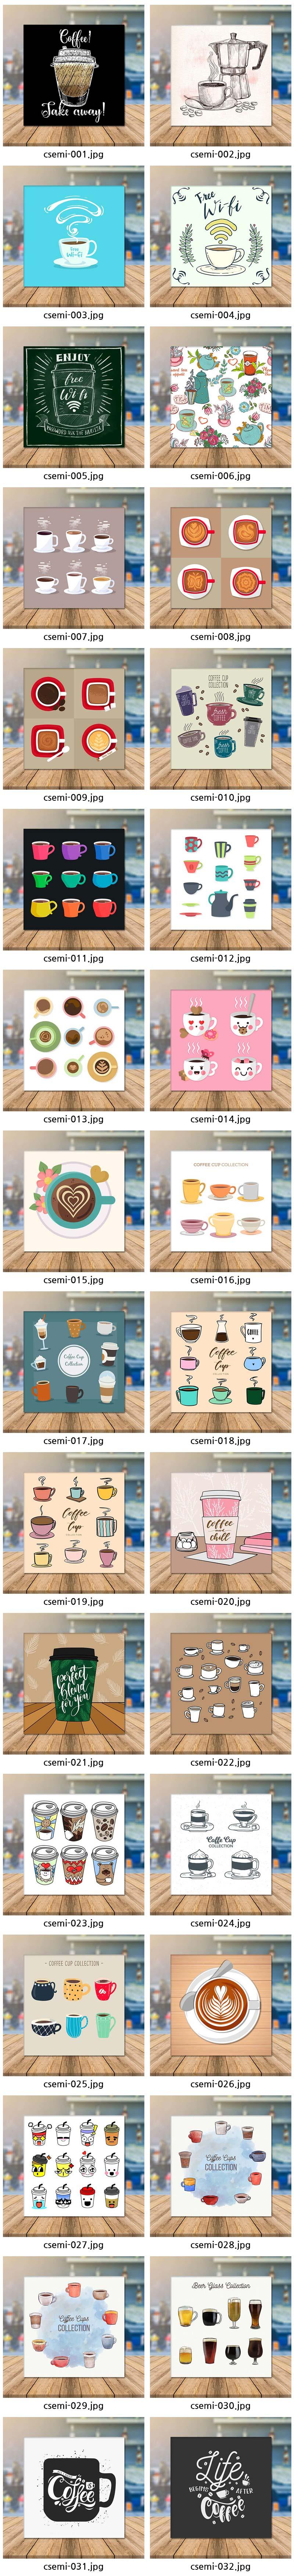 csemi-079 못없이붙이는액자 커피액자 세미액자 시리즈 12x12in - 바운스프레임, 10,000원, 액자, 벽걸이액자